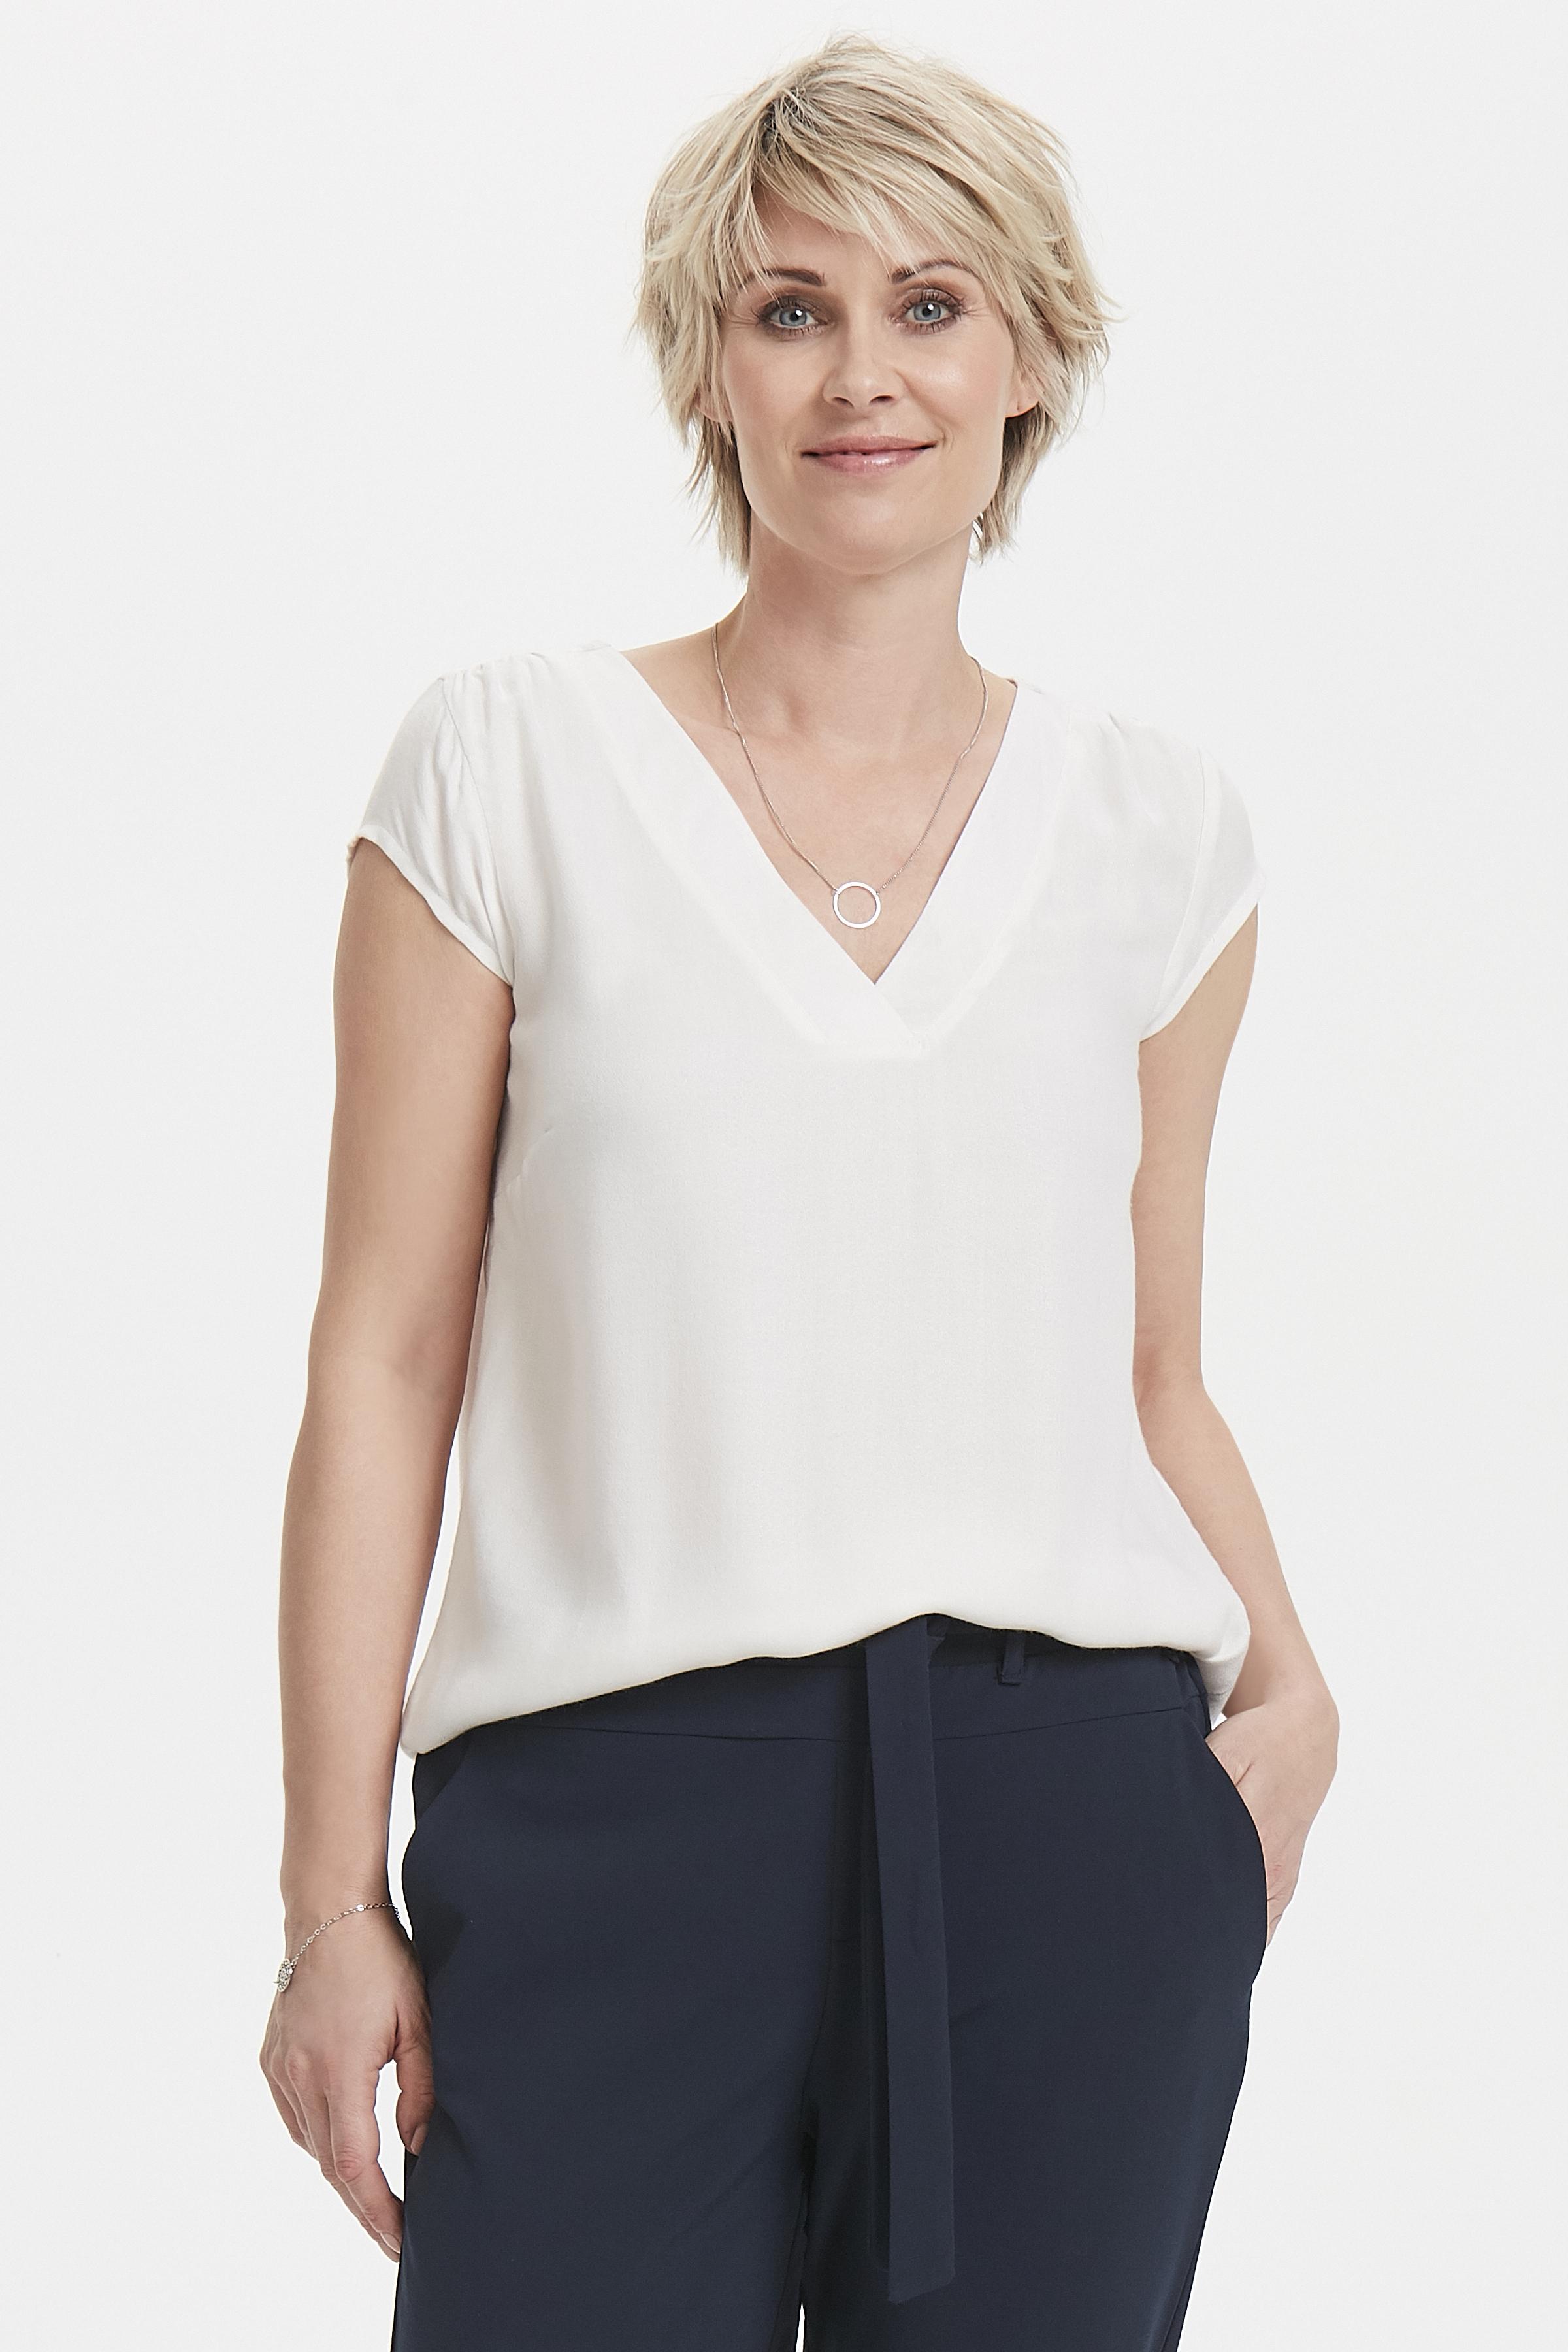 Wollweiß Kurzarm-Bluse  von Bon'A Parte – Shoppen Sie Wollweiß Kurzarm-Bluse  ab Gr. S-2XL hier